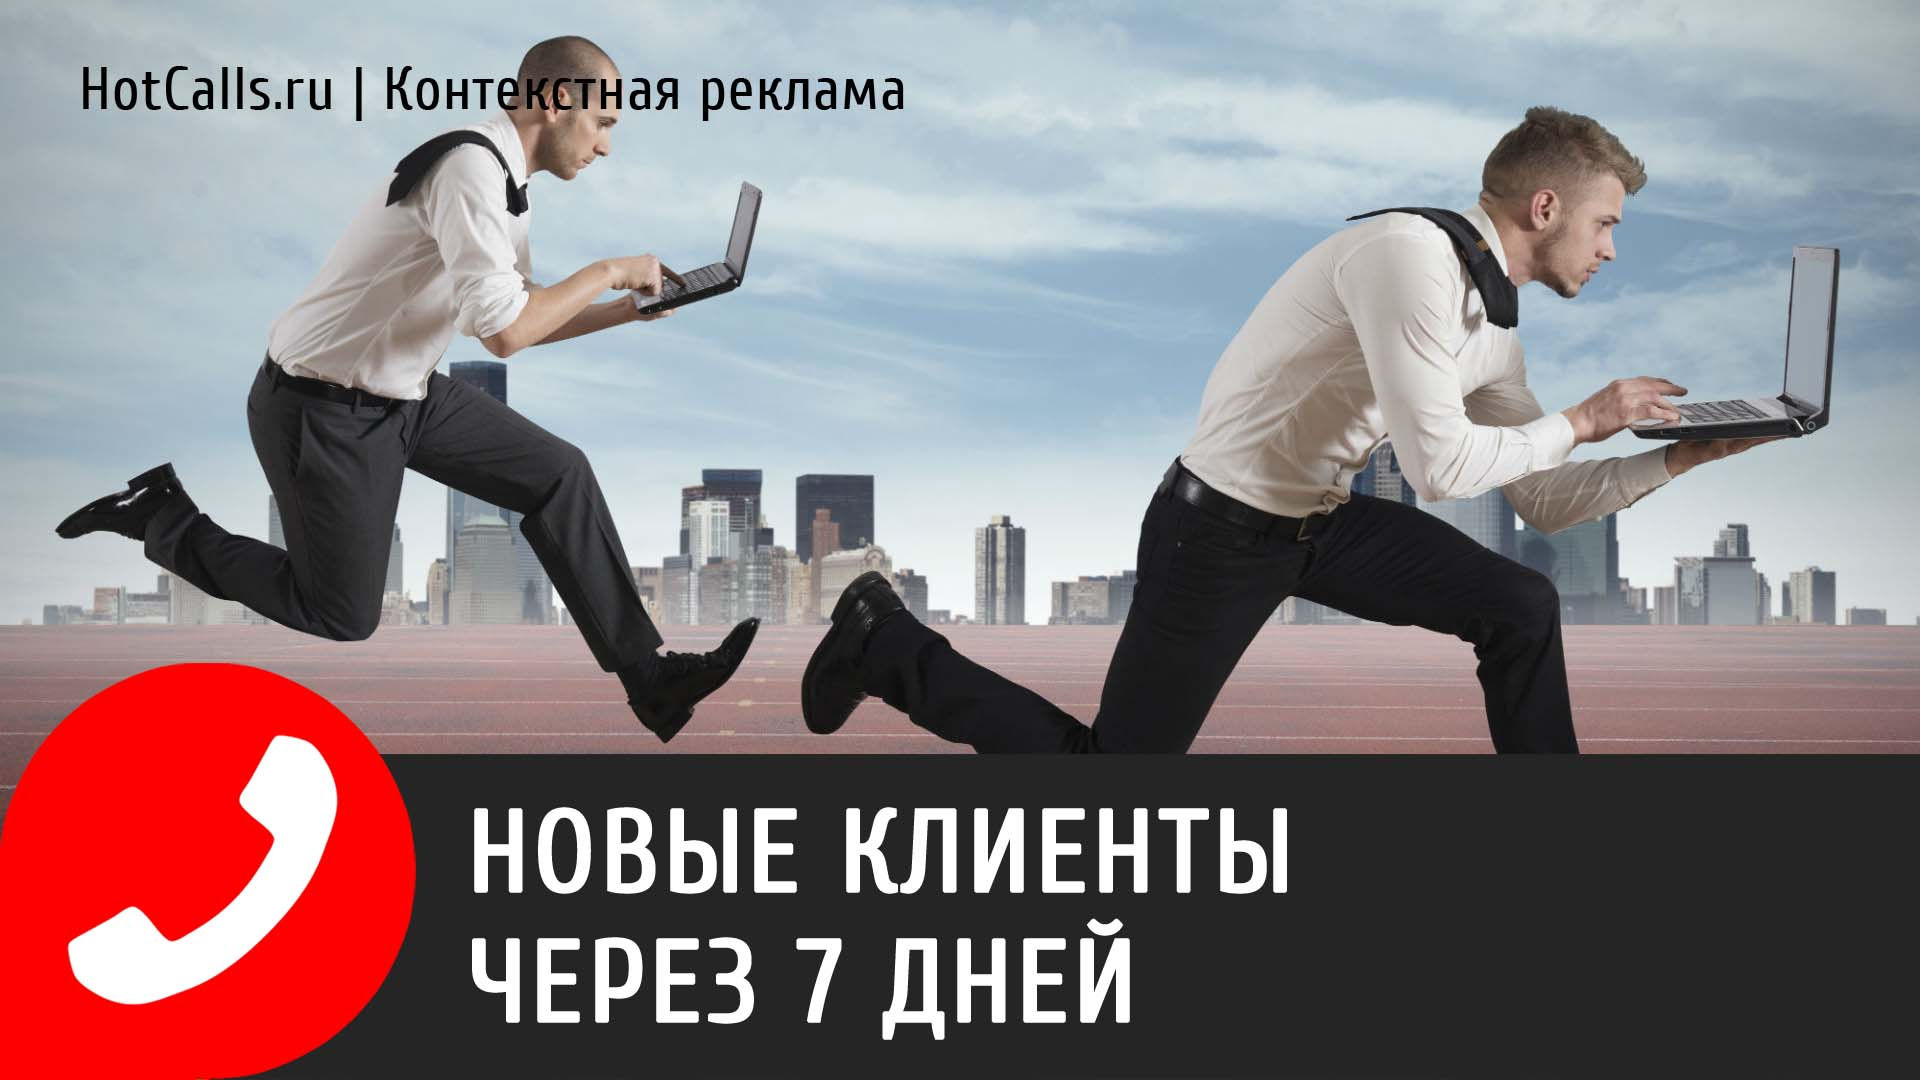 Создание продающего сайта и настройка рекламы за 7 дней